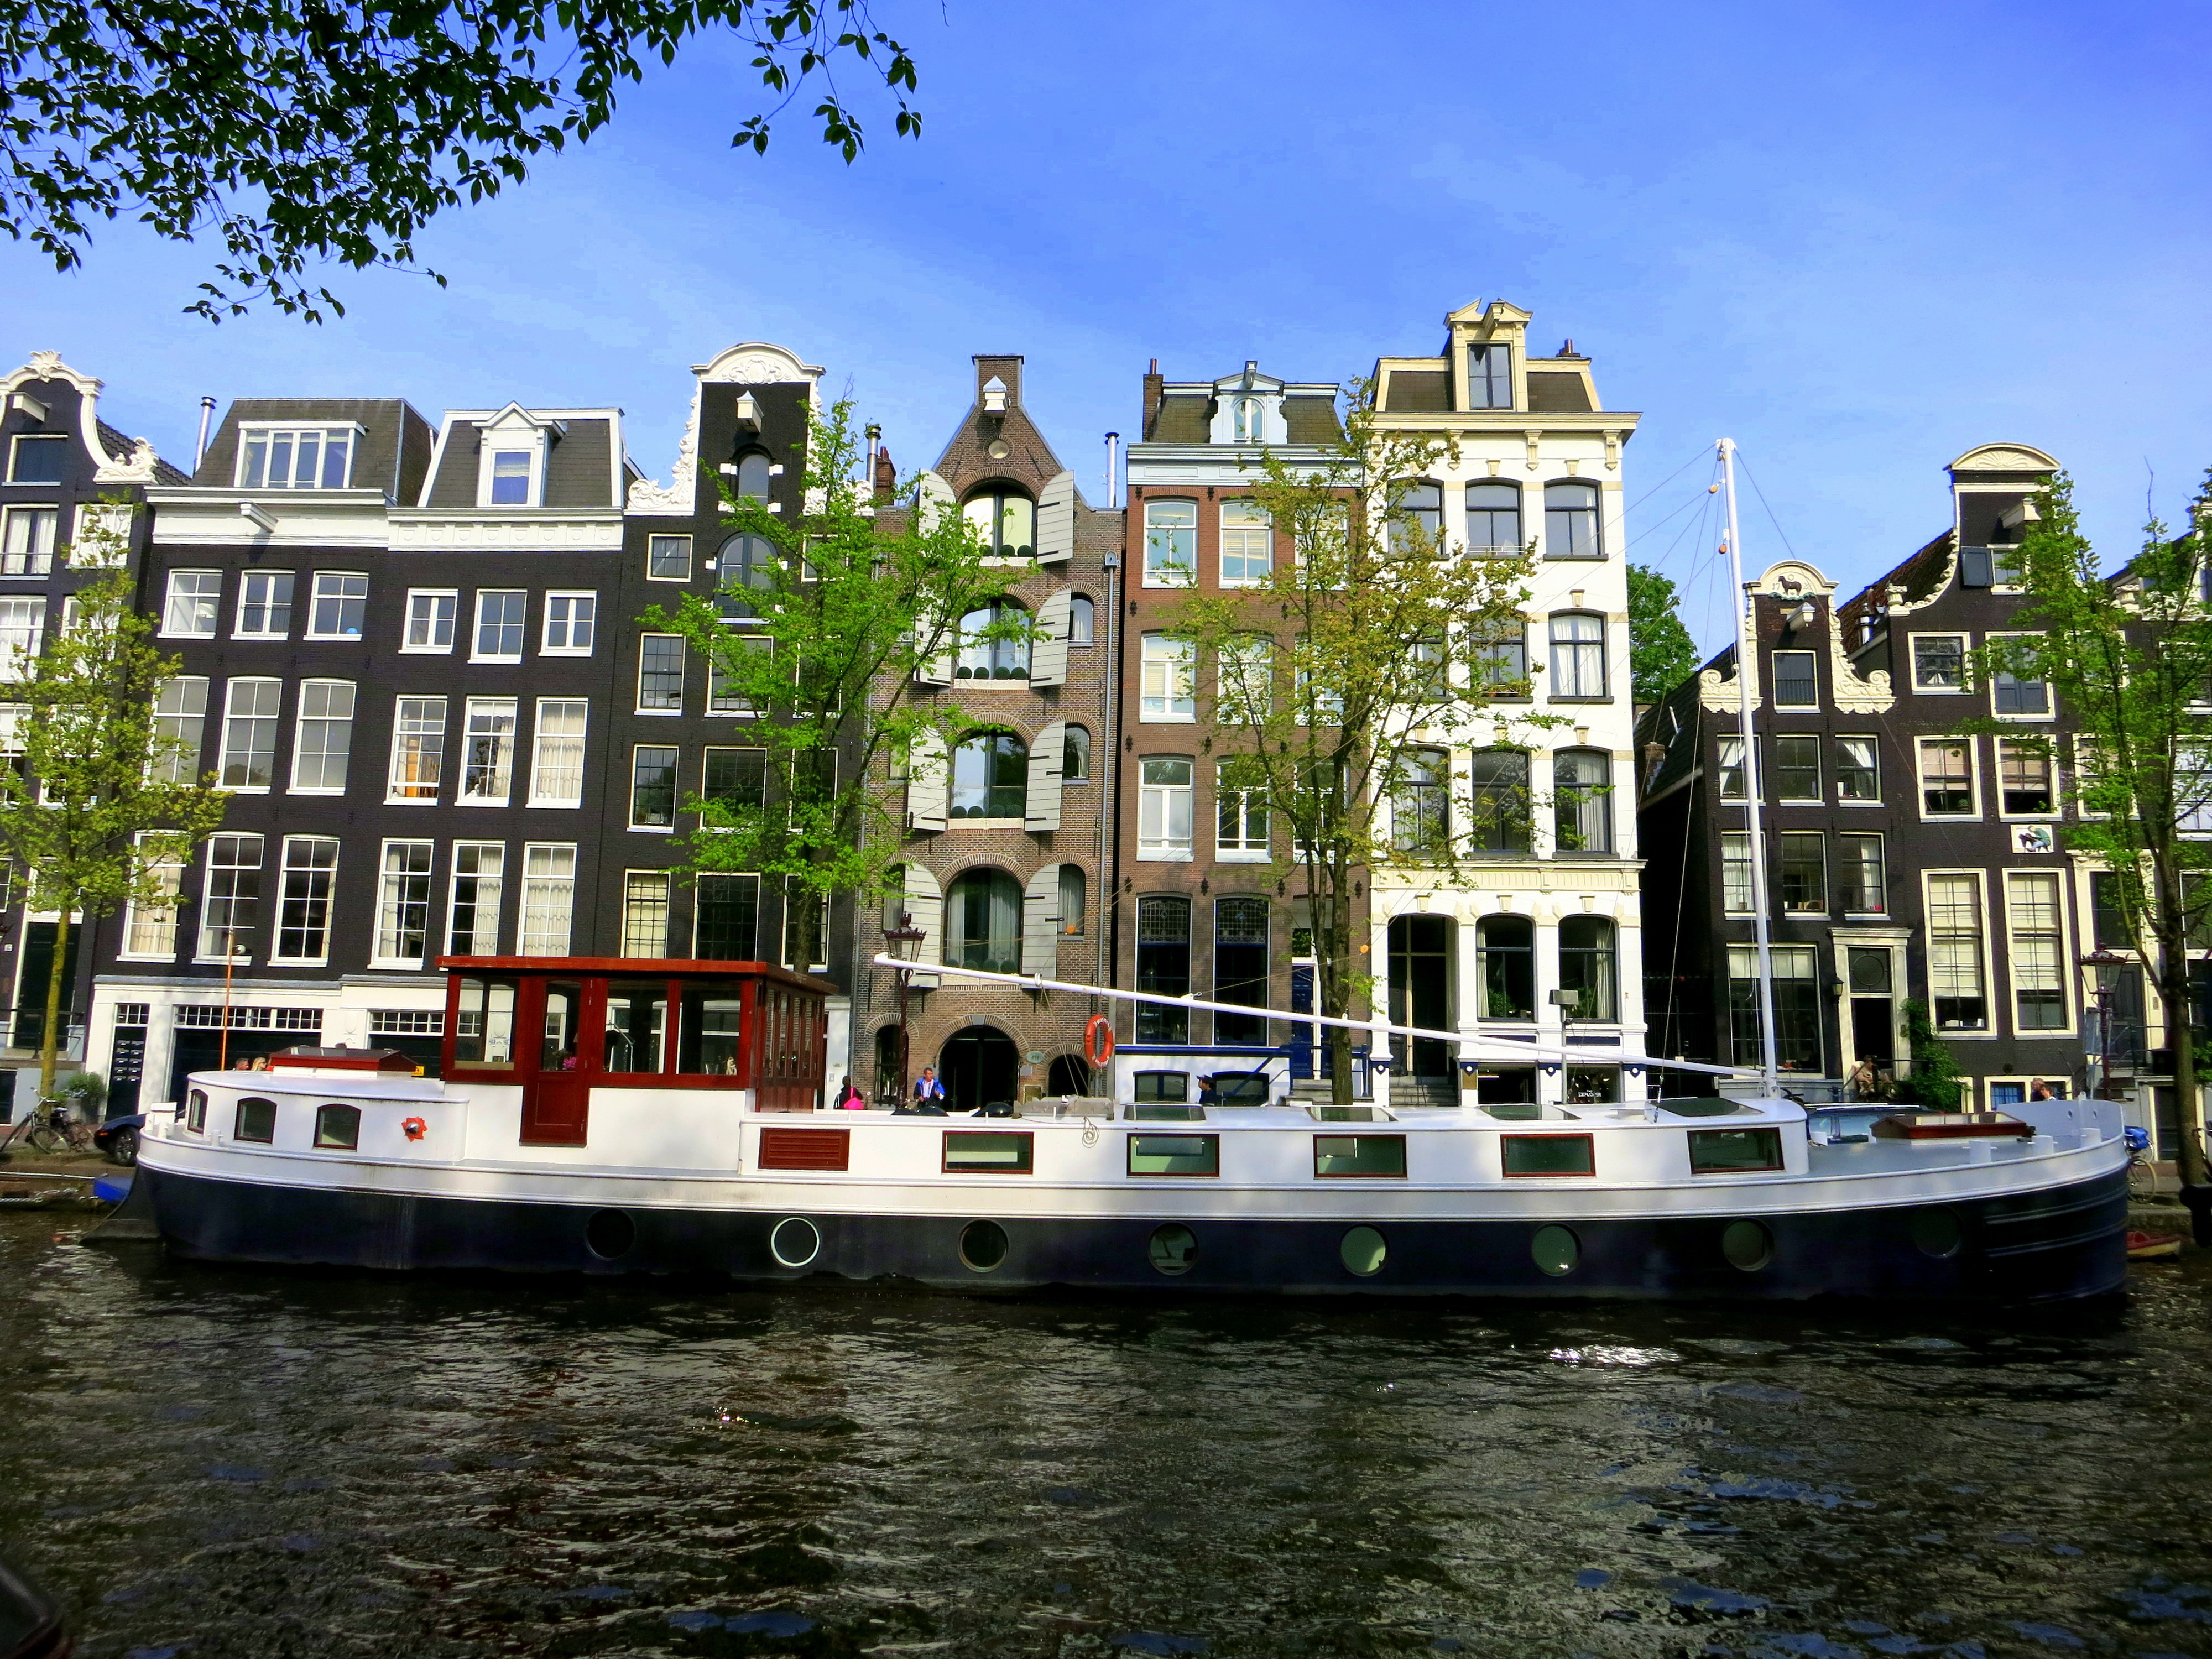 houseboat6